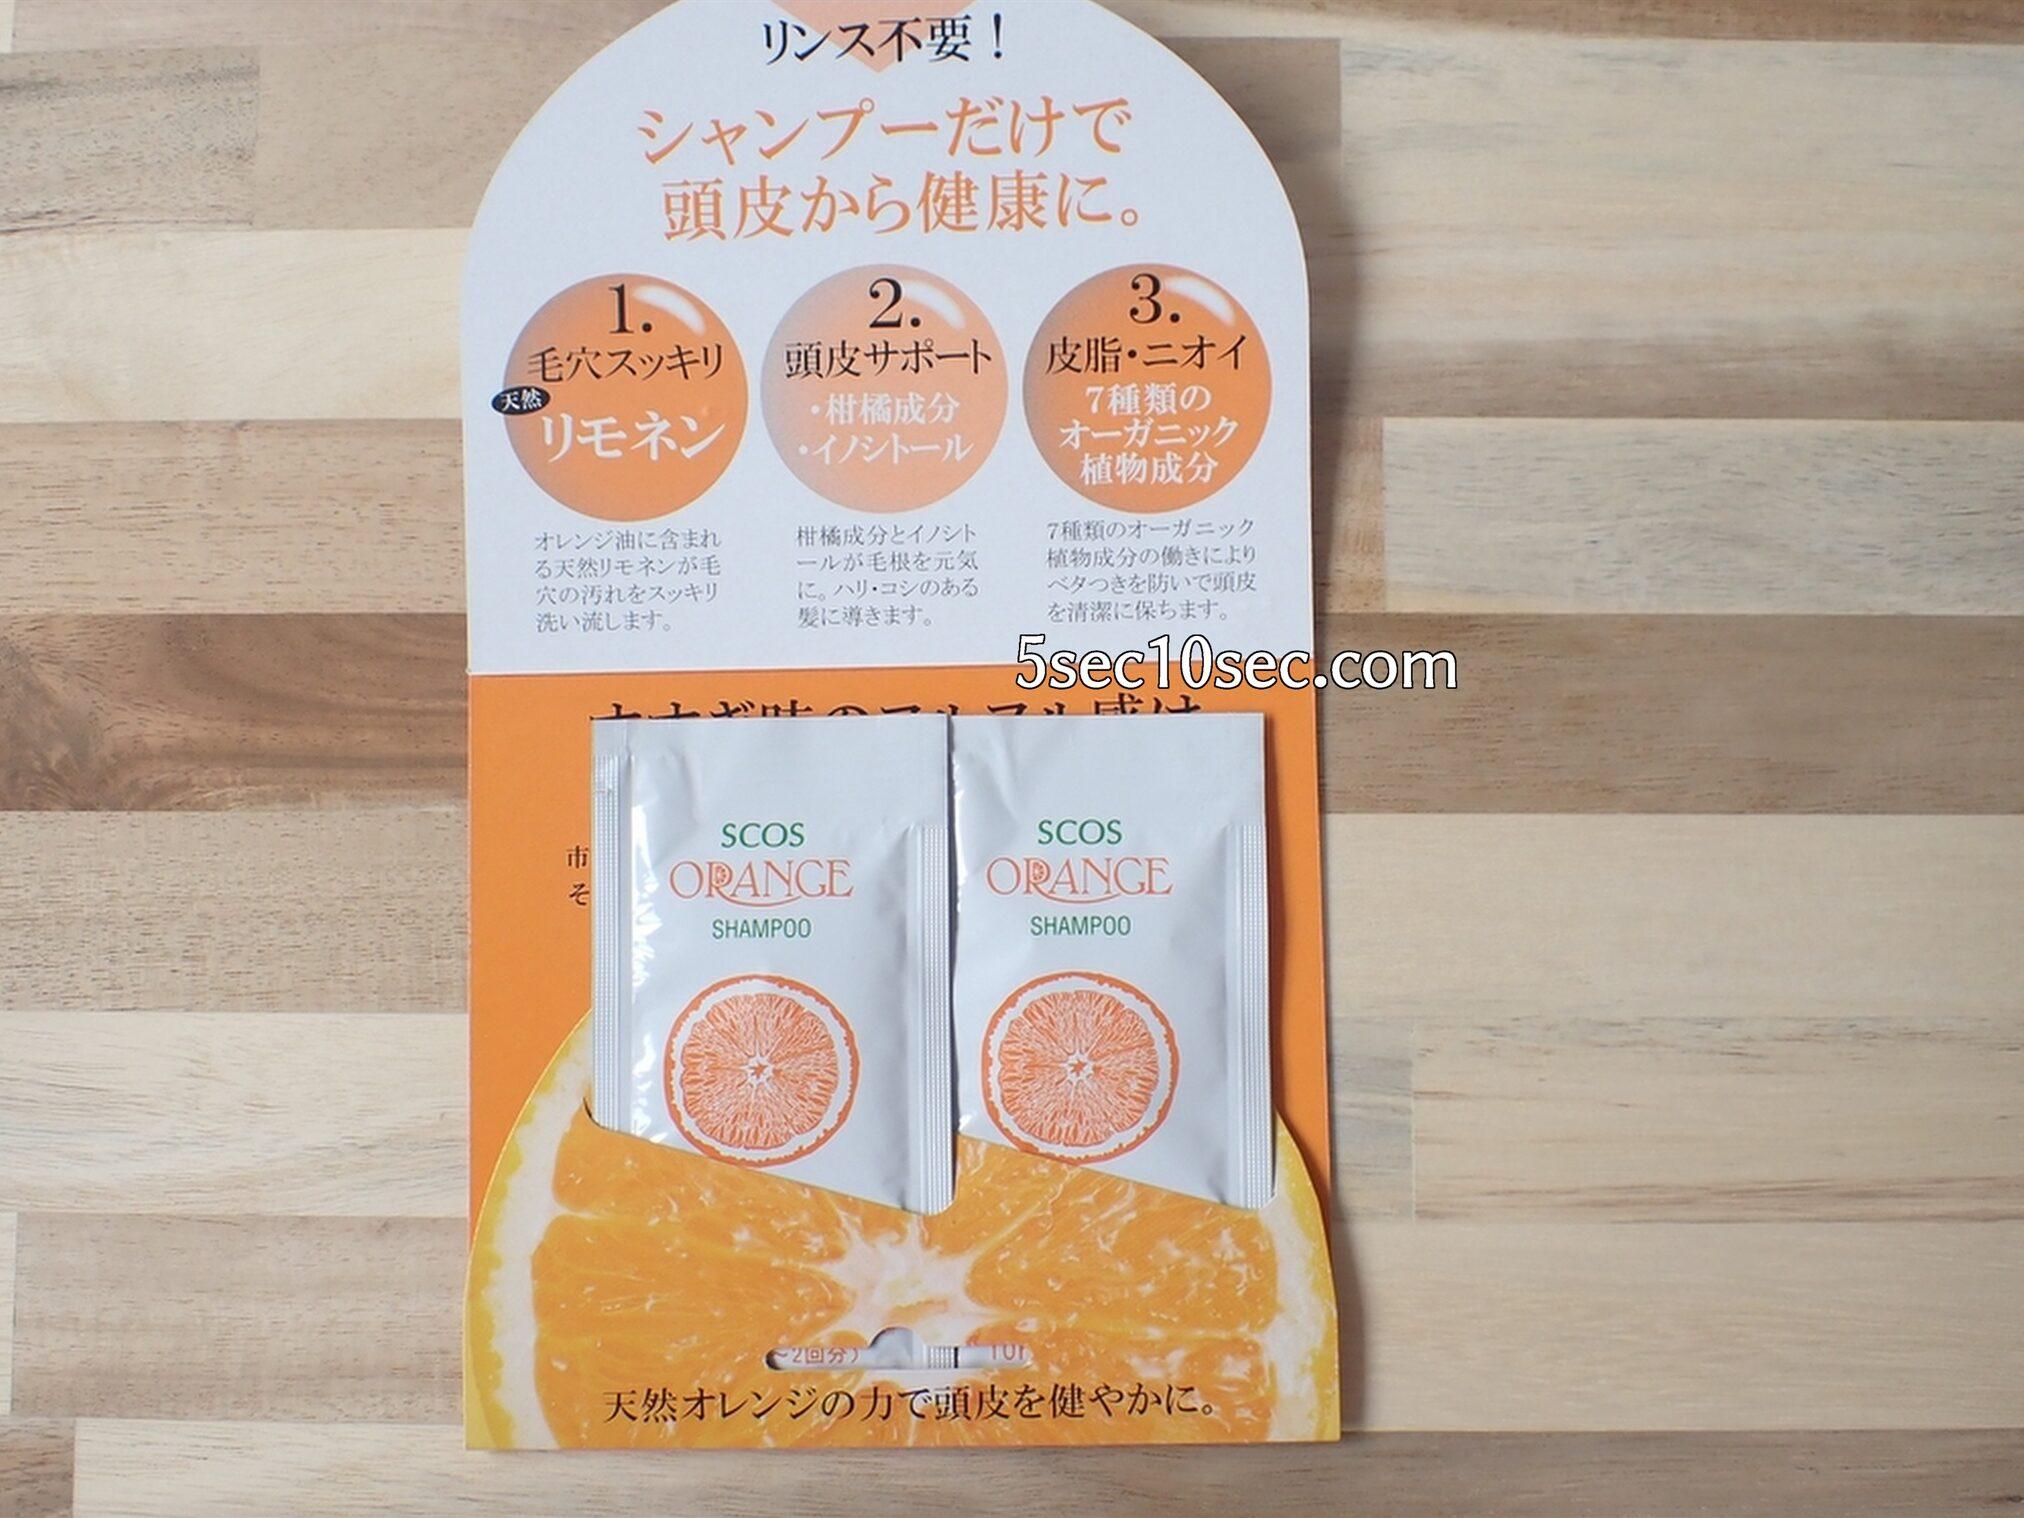 株式会社エスコス オレンジシャンプーオーガニック 2回分のサンプルつきです